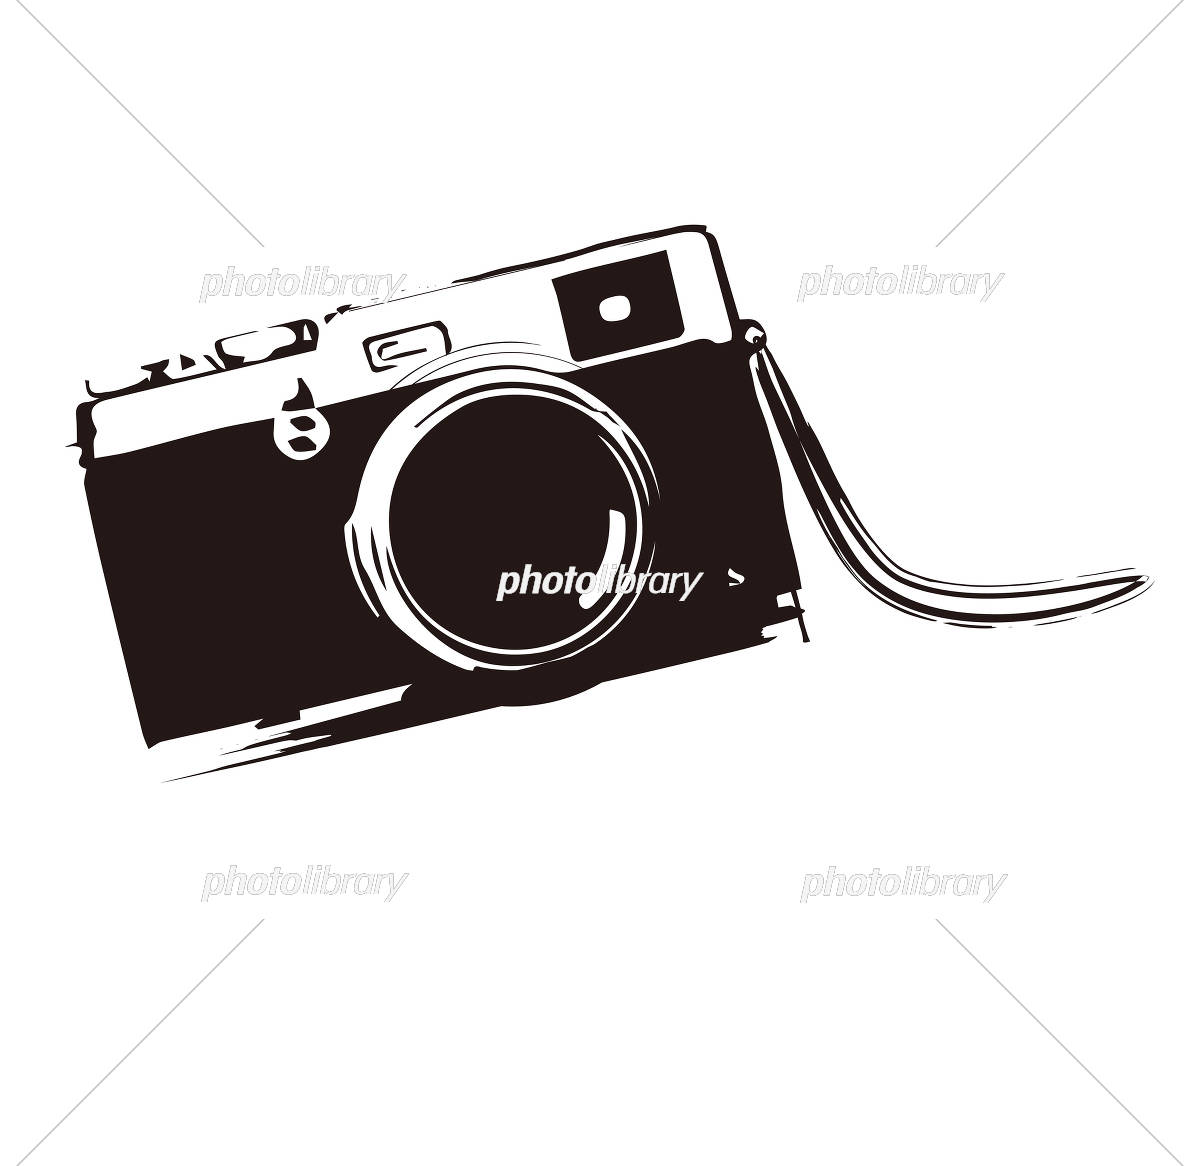 カメラ イラスト素材 [ 5581865 ] - フォトライブラリー photolibrary